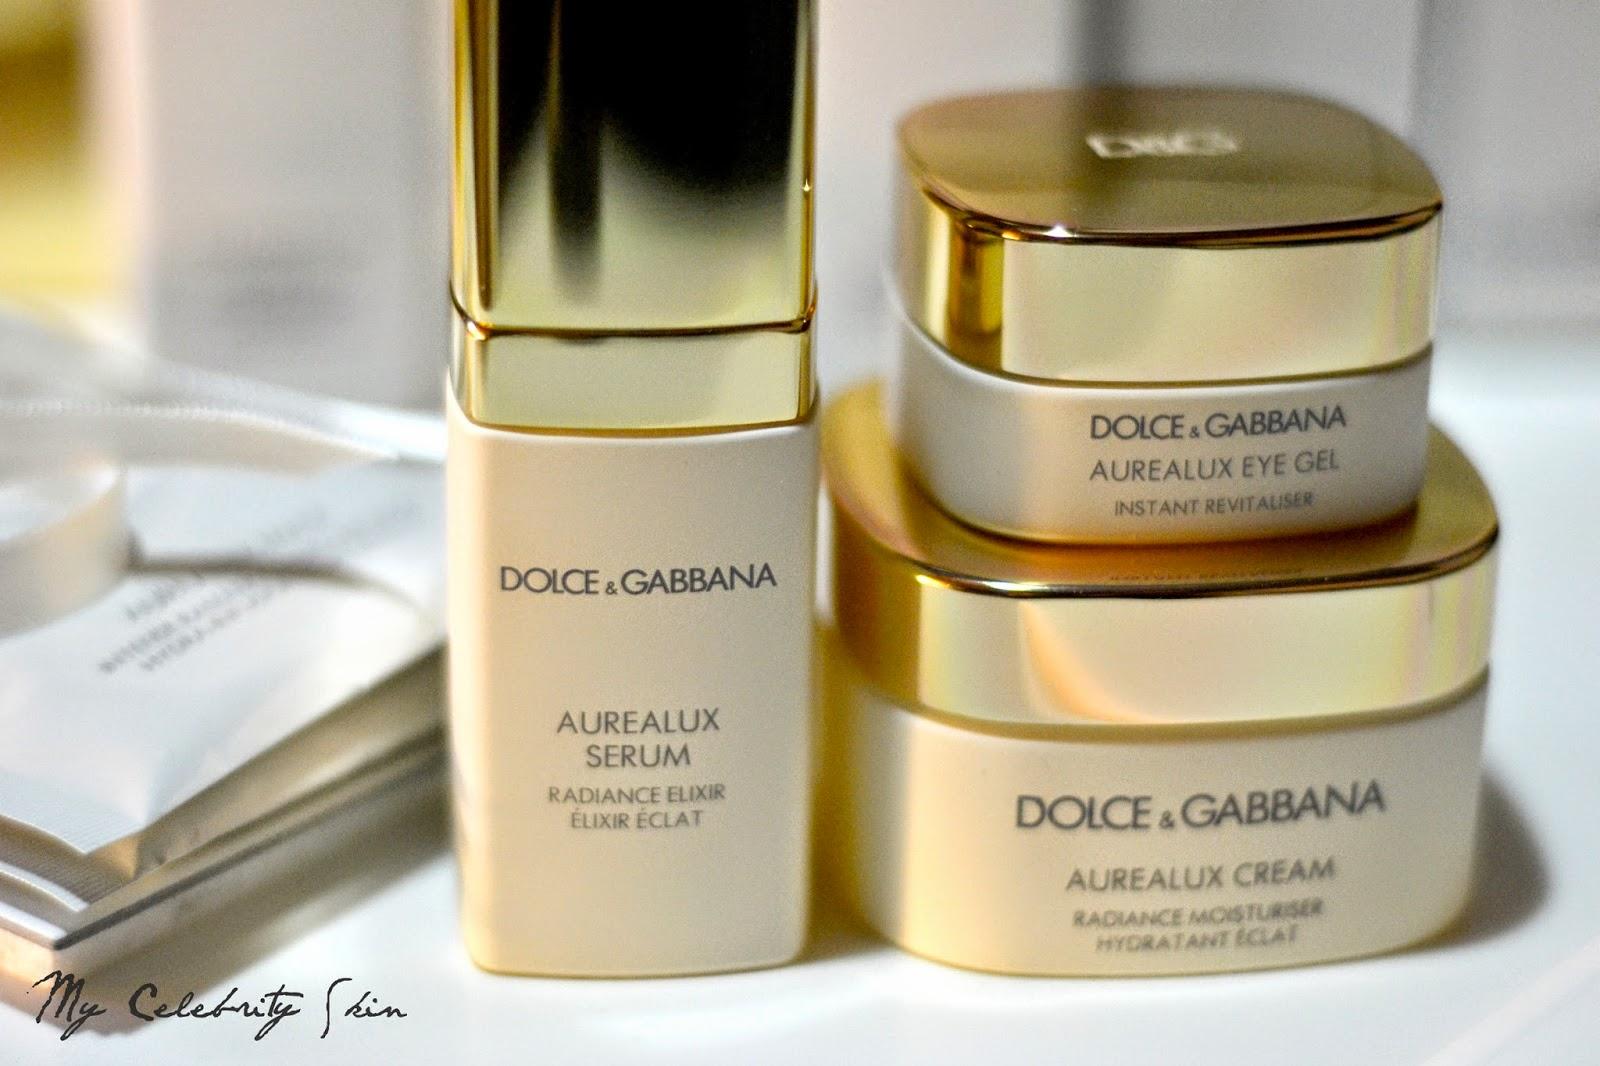 b49d6c8ec9 Las dos líneas de cuidado facial de Dolce&Gabbana han llegado a España en  octubre y se podrán adquirir en los puntos de venta habituales de la firma,  ...